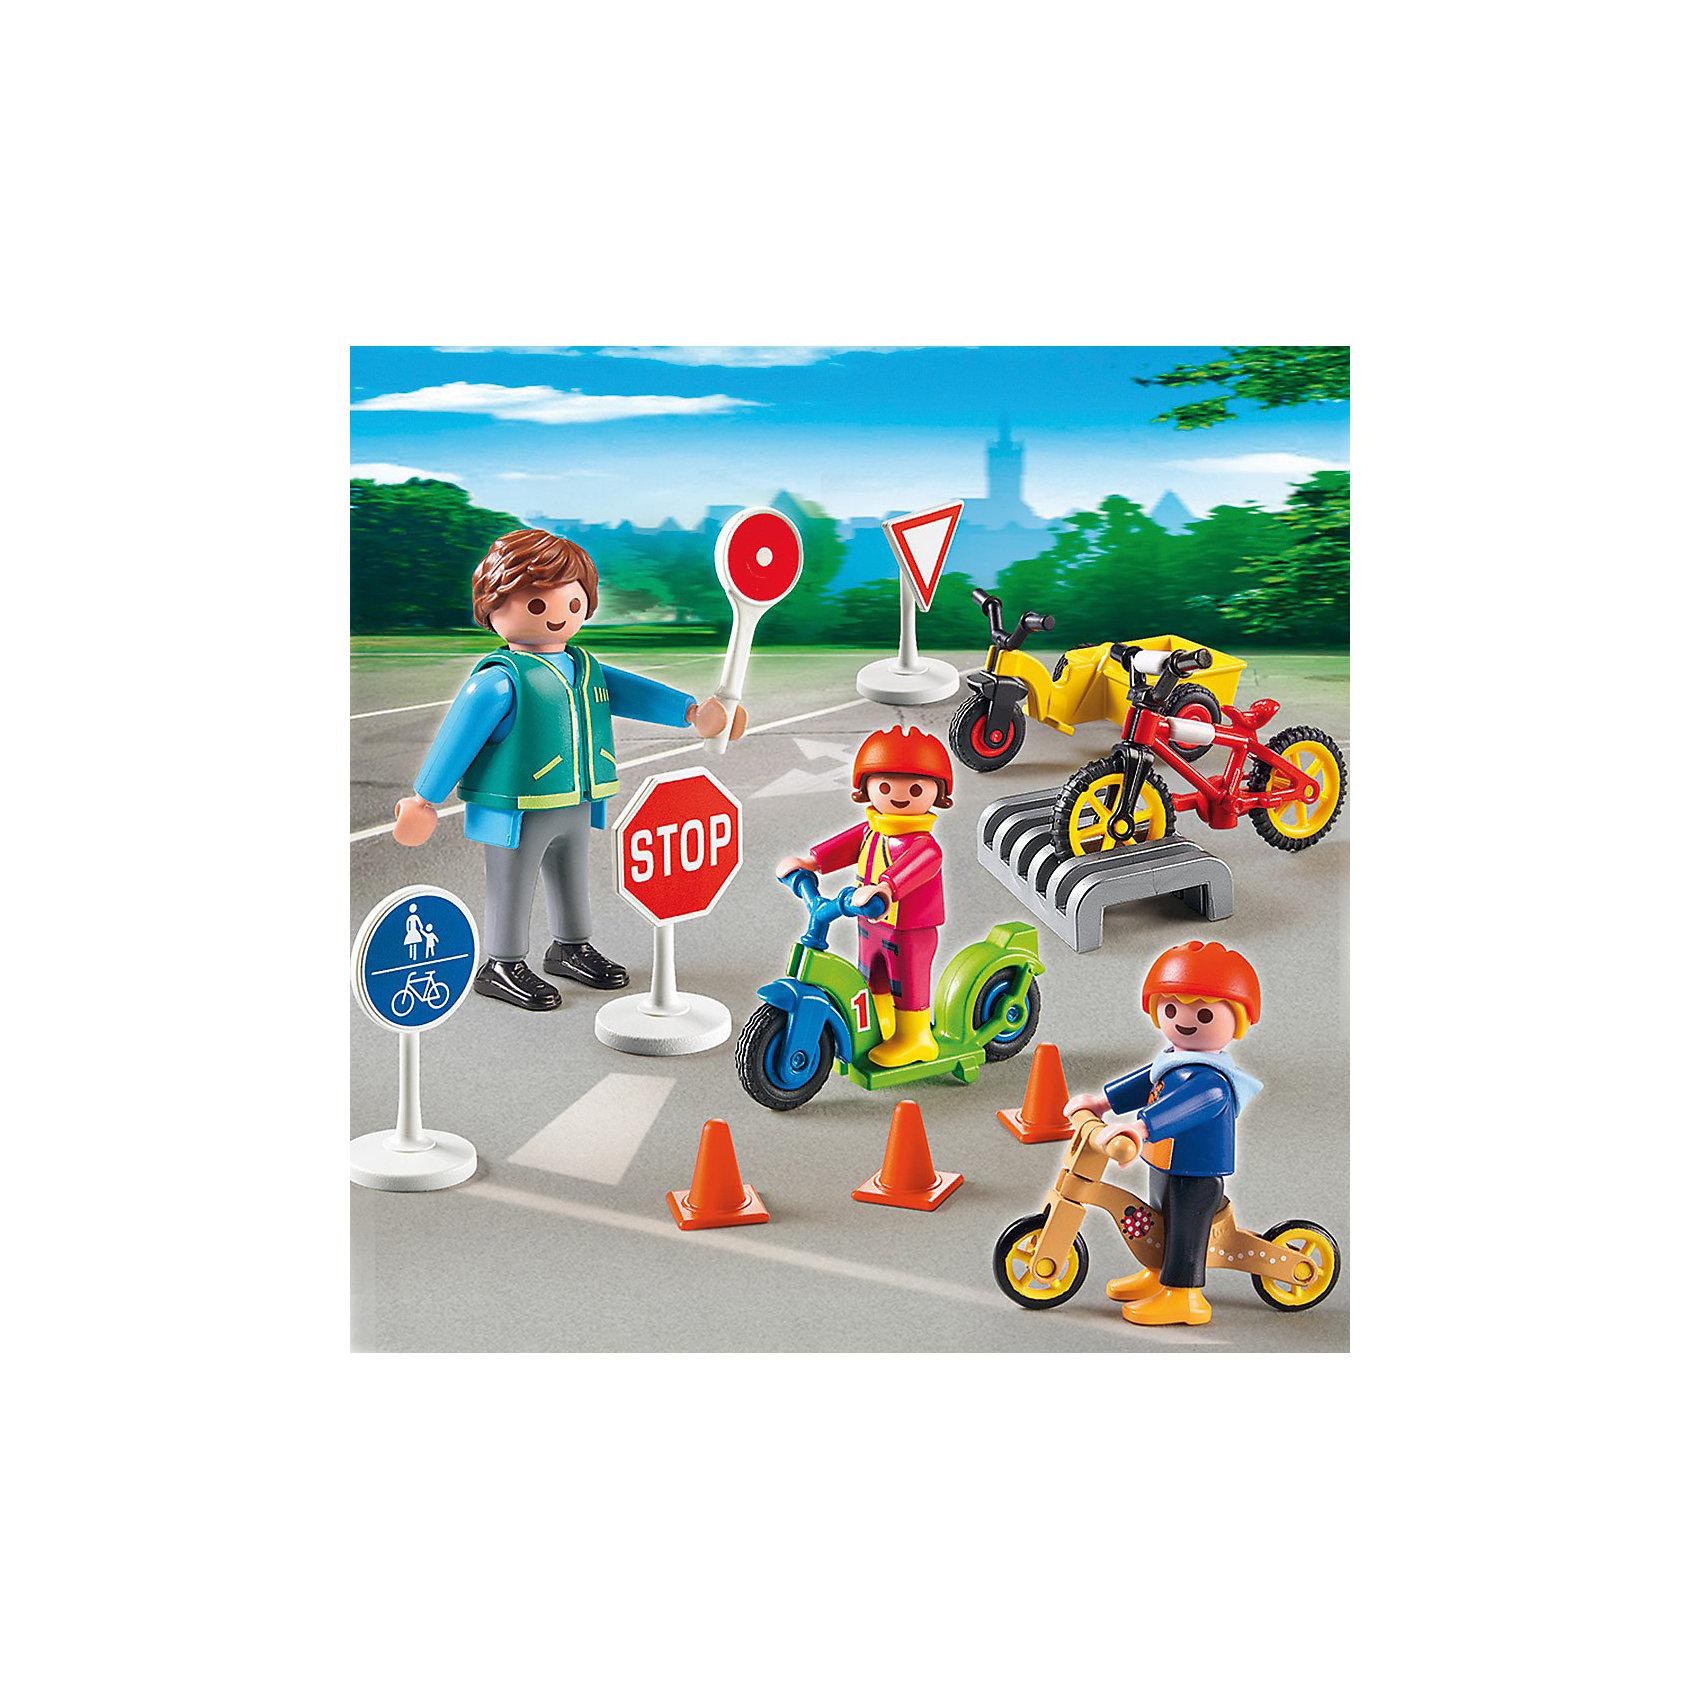 PLAYMOBIL® Дети с воспитателем по ПДД, PLAYMOBIL playmobil 5266 summer fun детский клуб с танц площадкой